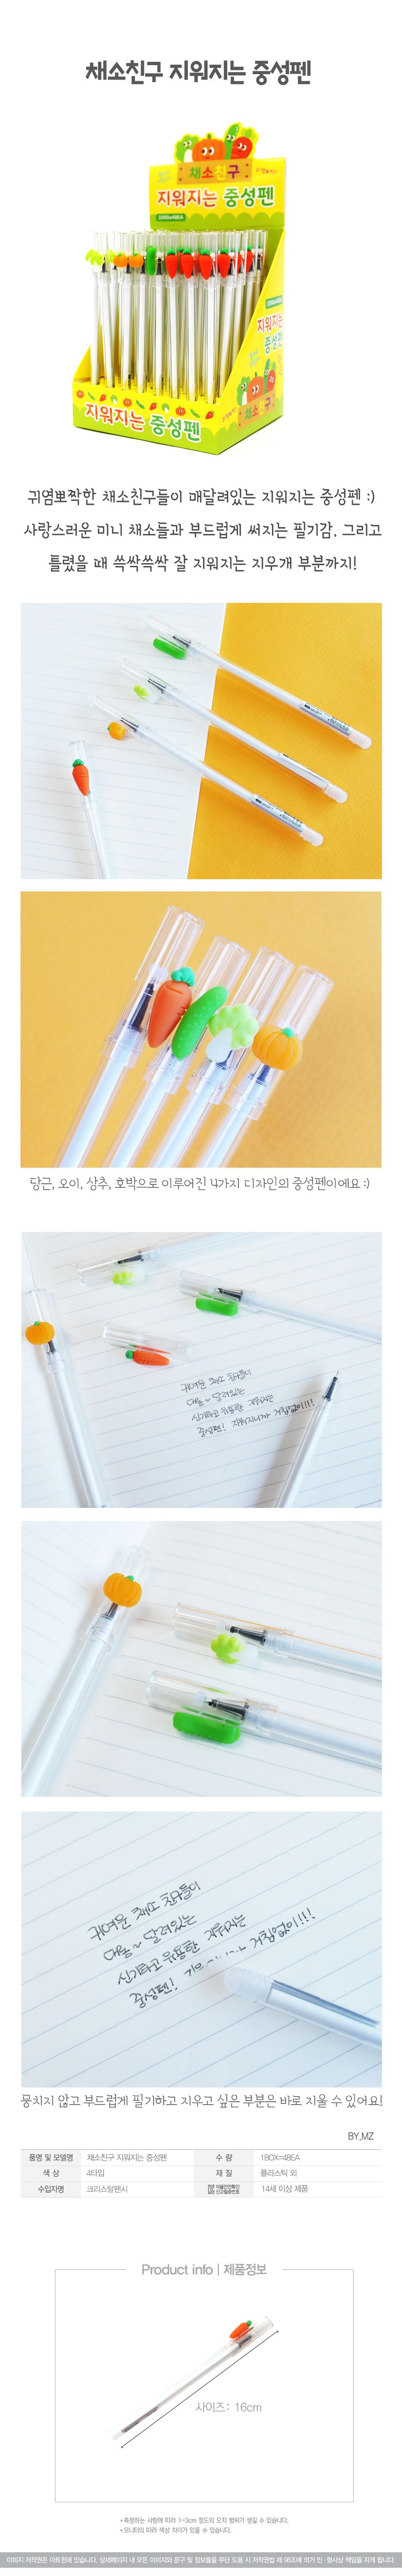 1000채소친구지워지는중성펜BOX(48EA) - 아트윈, 47,900원, 볼펜, 심플 볼펜